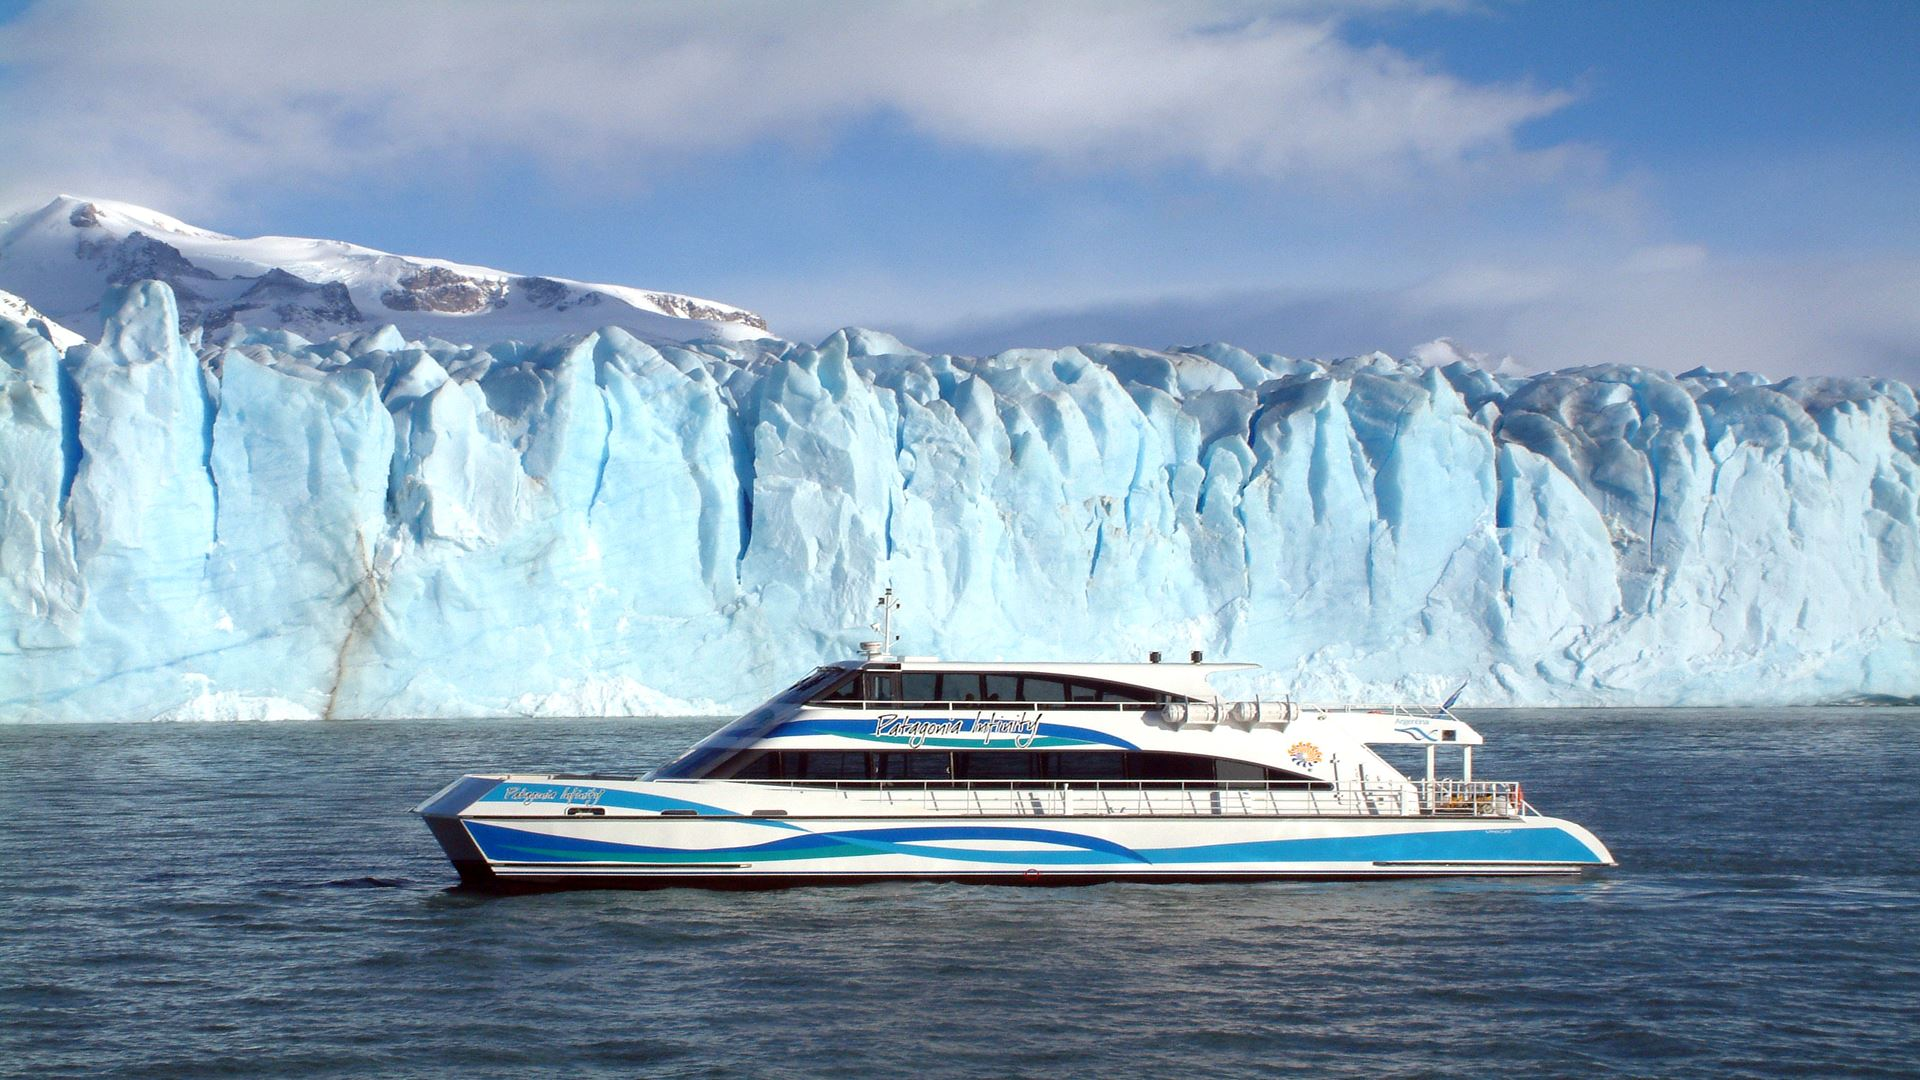 Upsala Glacier Boat Tour -RIOS DE HIELO CAPTAIN'S VIP CLUB